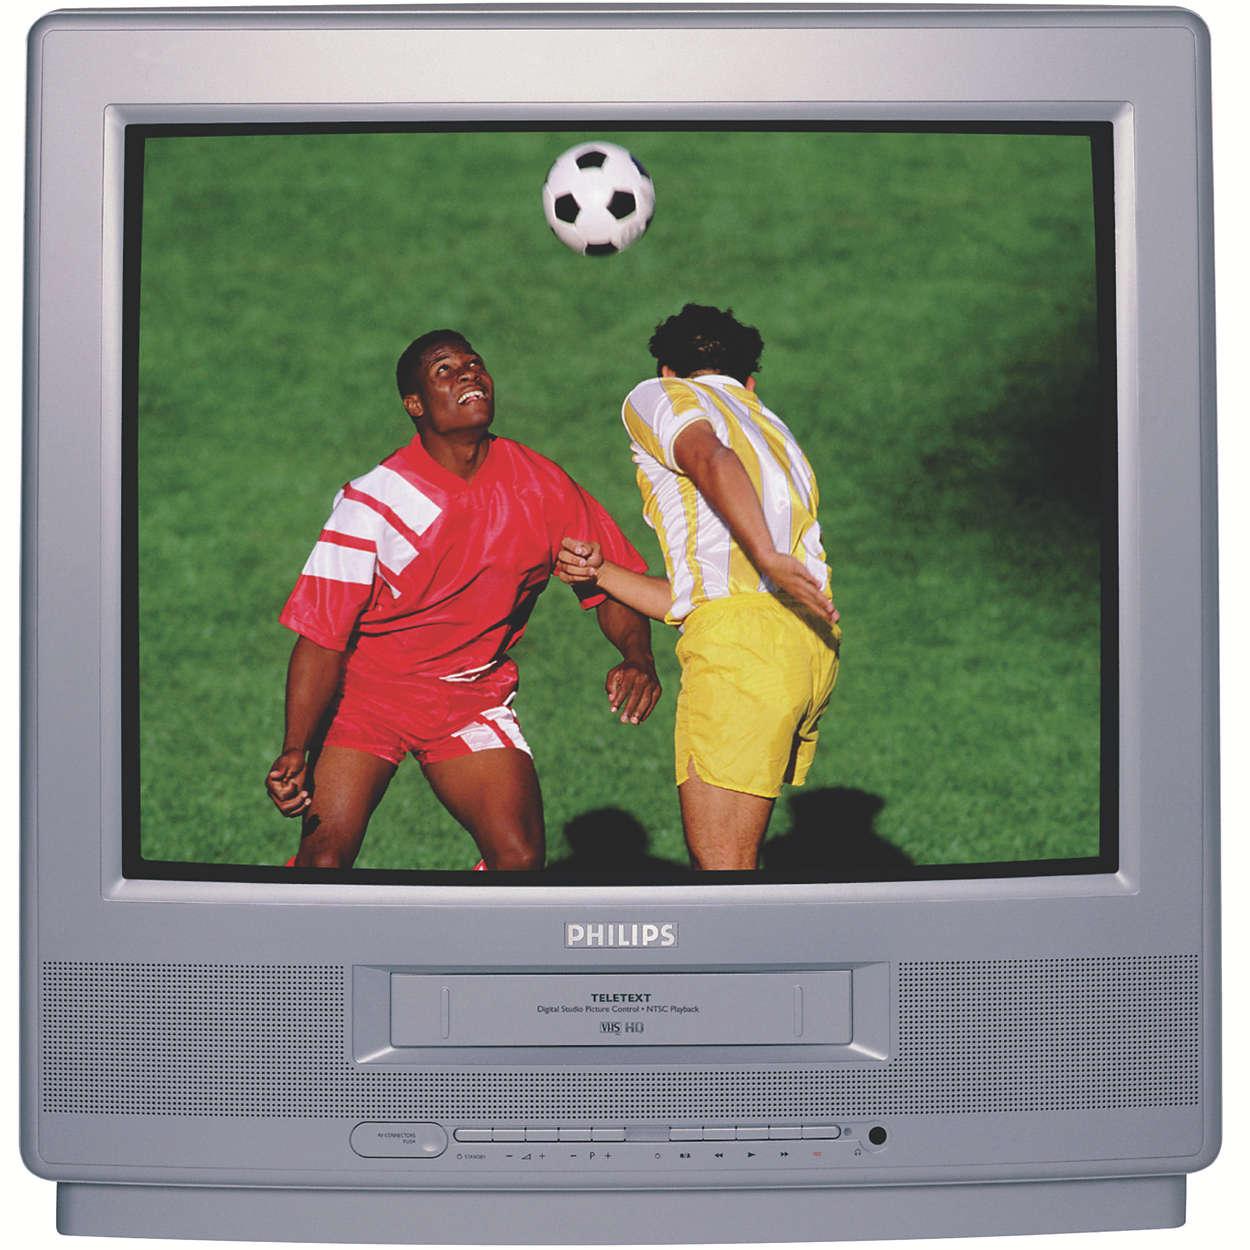 Um Combi TV - Videogravador de grande ecrã com Teletexto